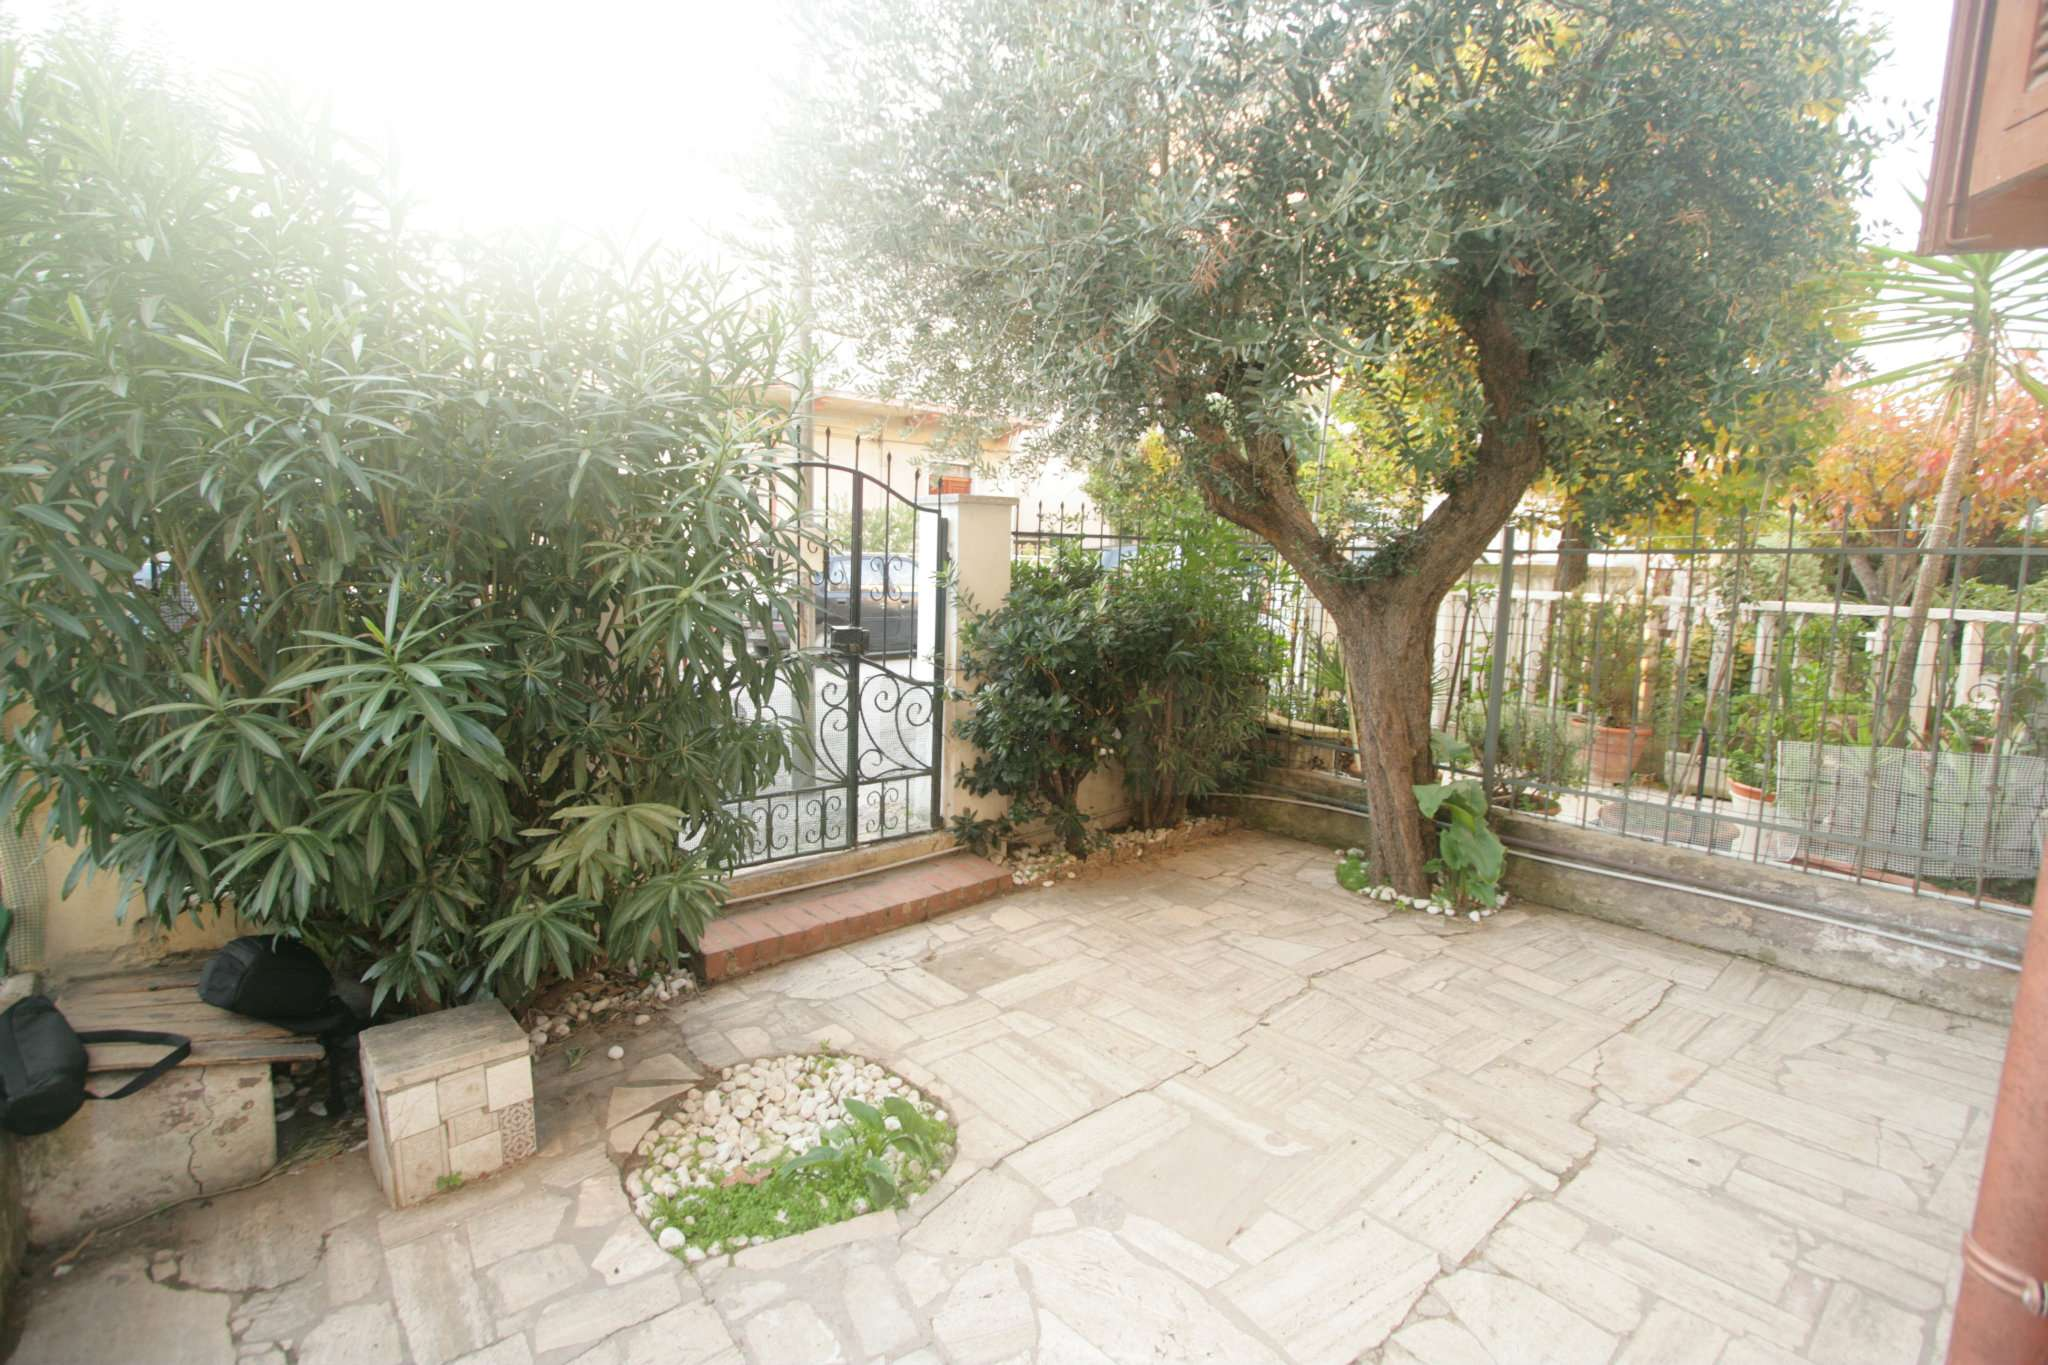 Soluzione Indipendente in vendita a Civitanova Marche, 3 locali, prezzo € 160.000   Cambio Casa.it